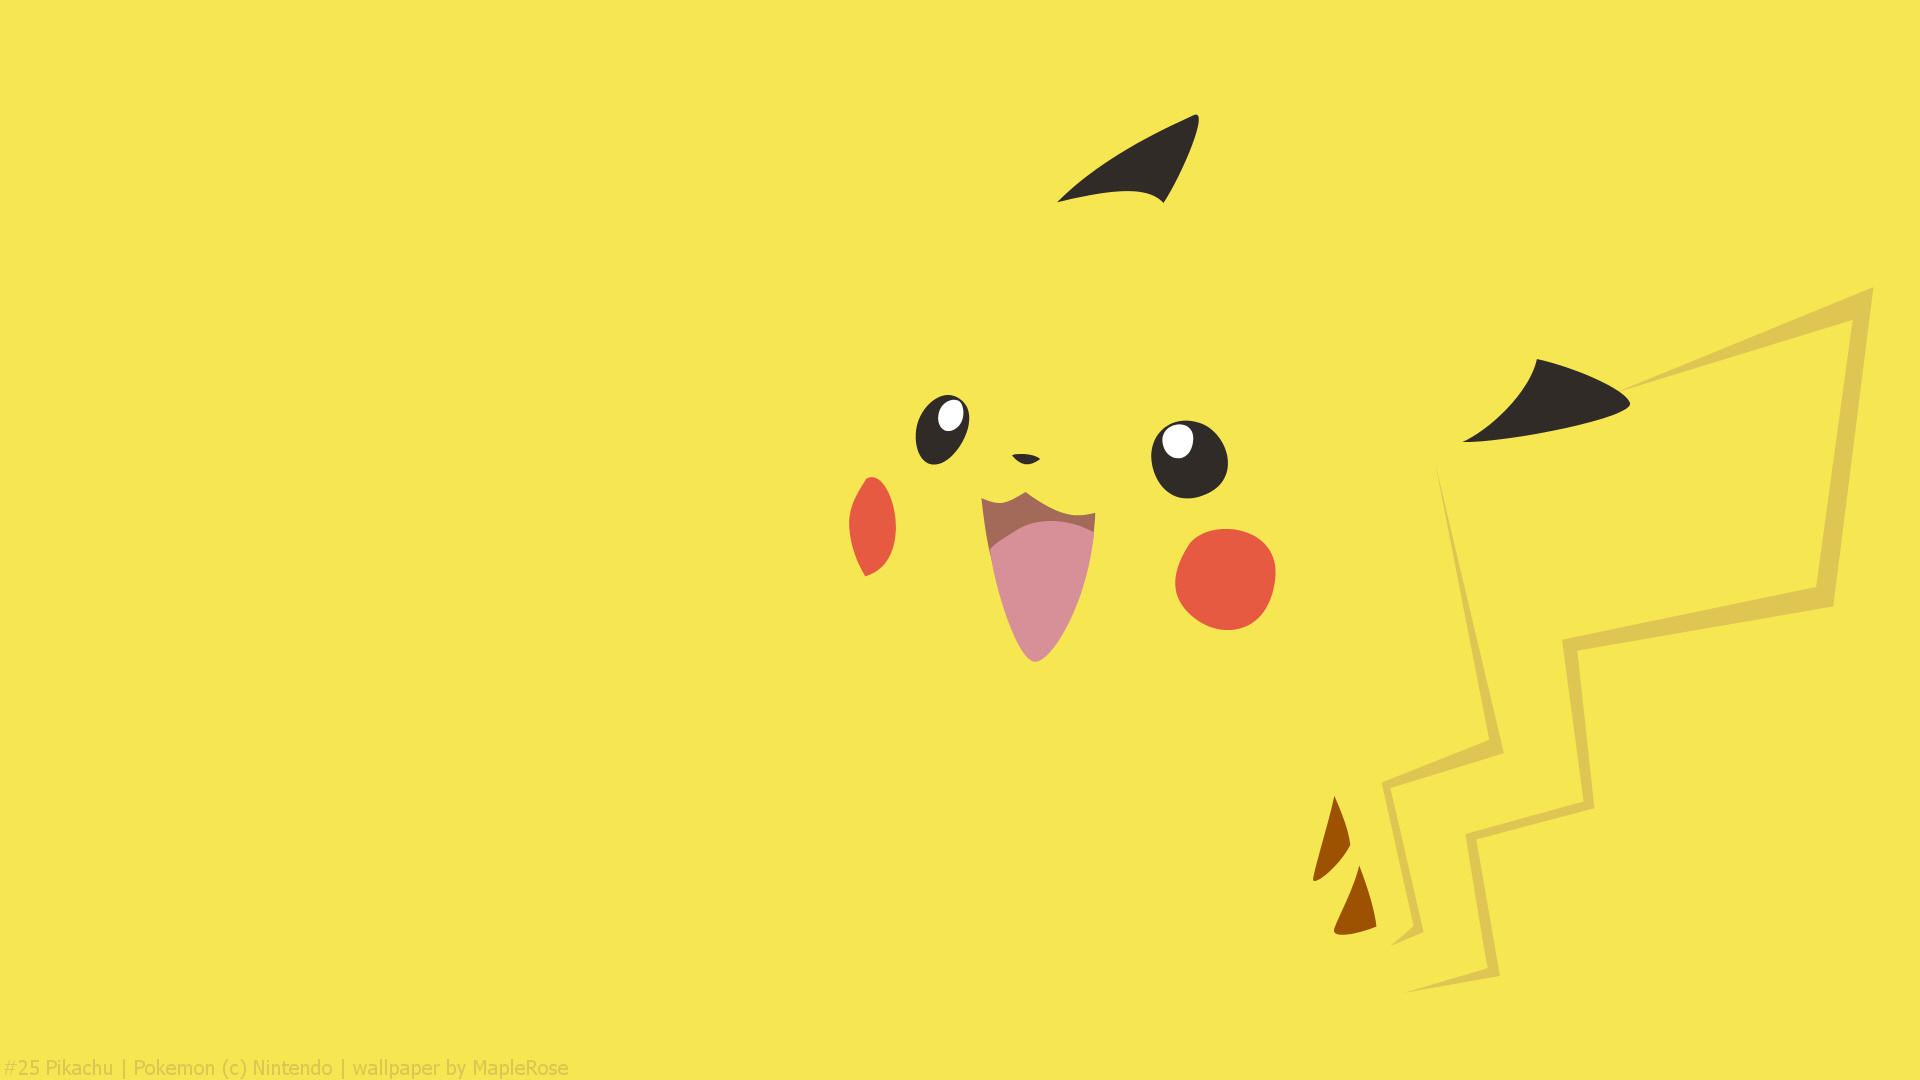 Pokemon Pikachu Wallpaper Pokemon, Pikachu